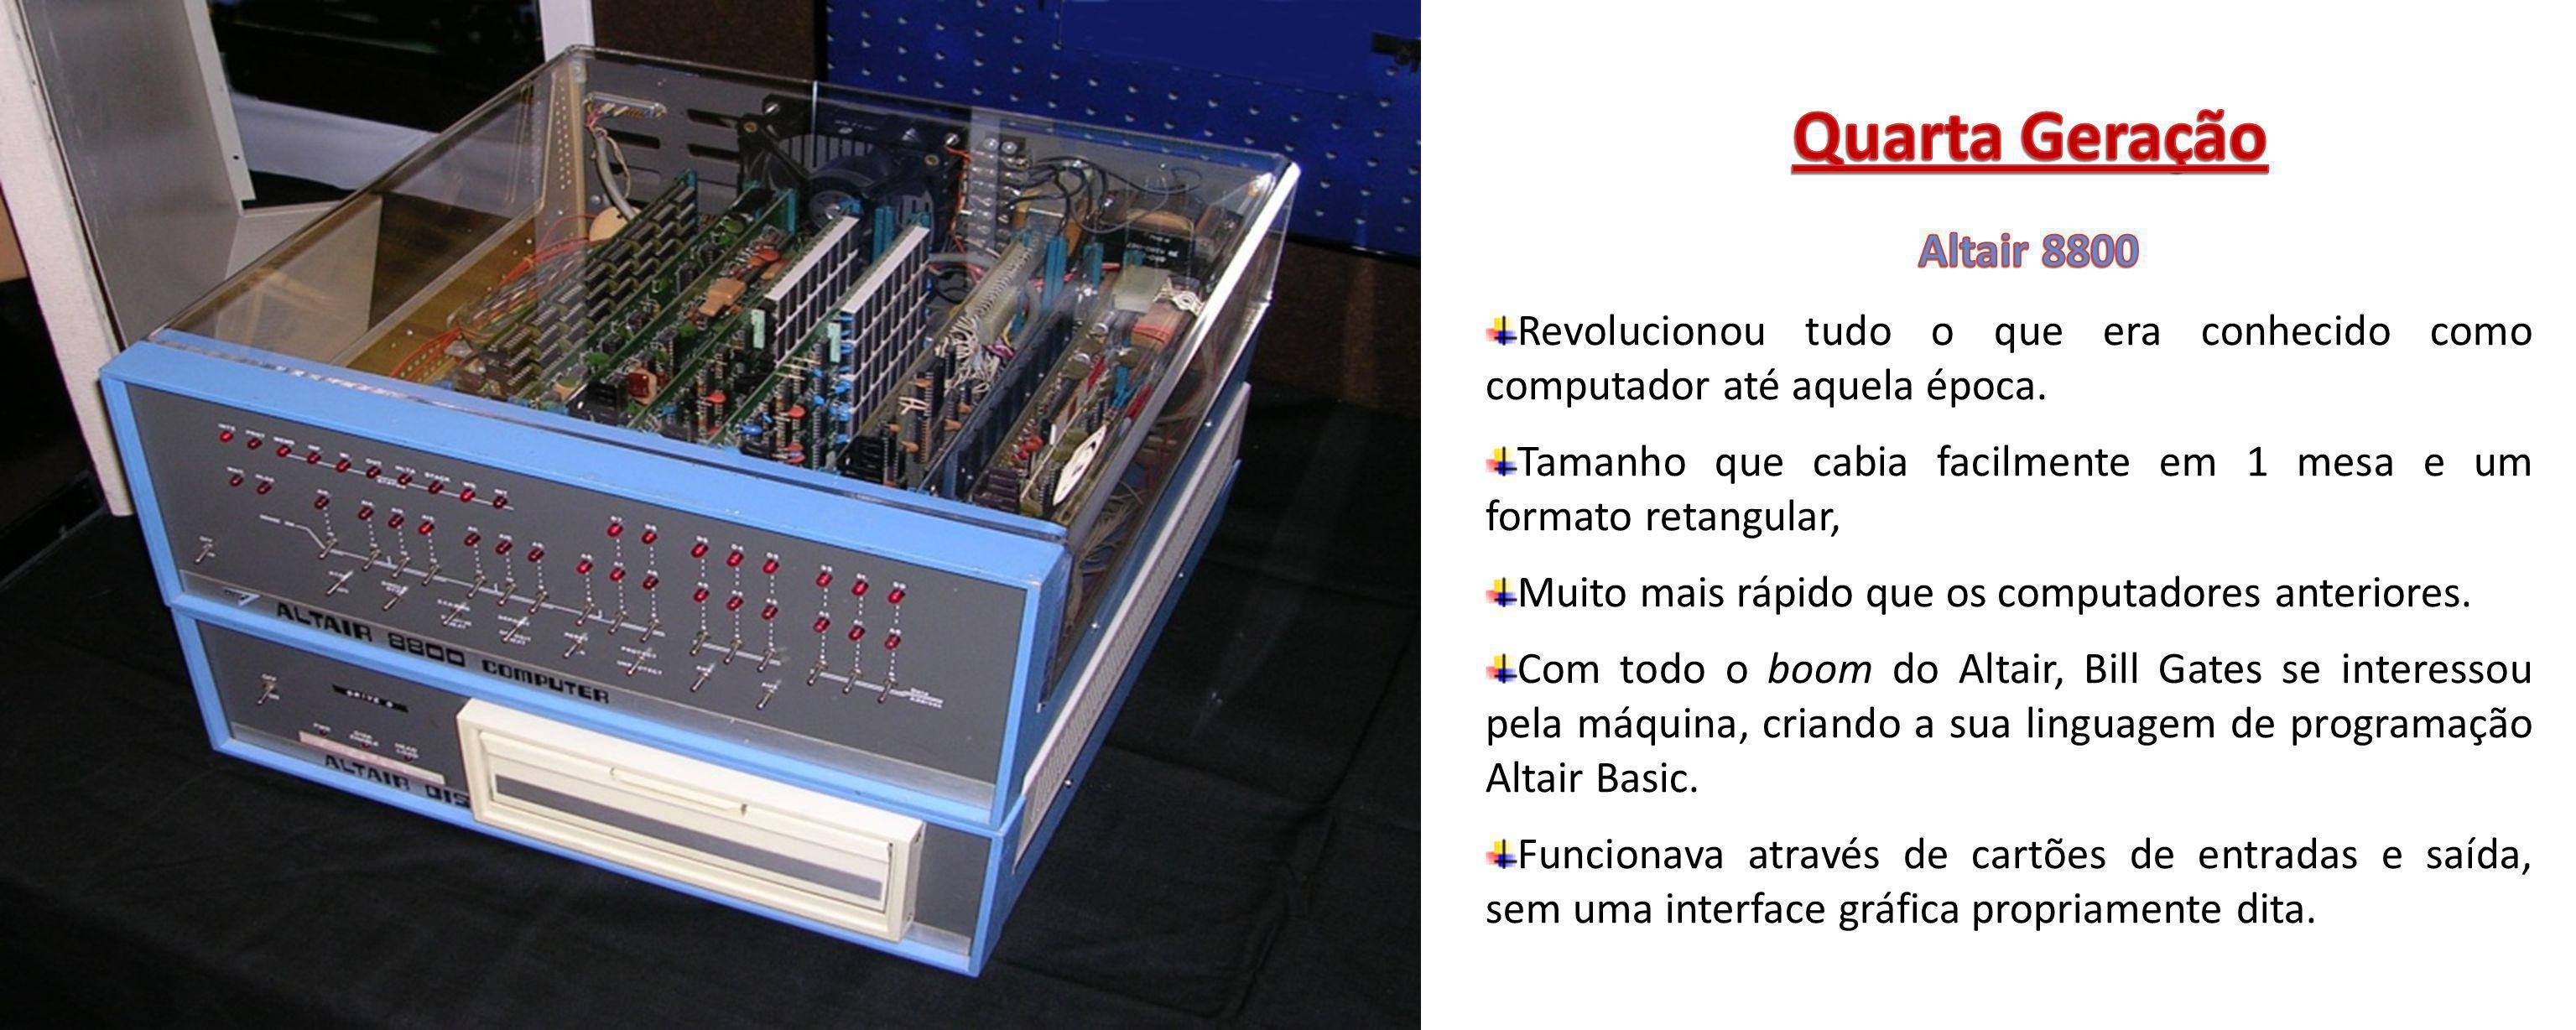 Revolucionou tudo o que era conhecido como computador até aquela época. Tamanho que cabia facilmente em 1 mesa e um formato retangular, Muito mais ráp